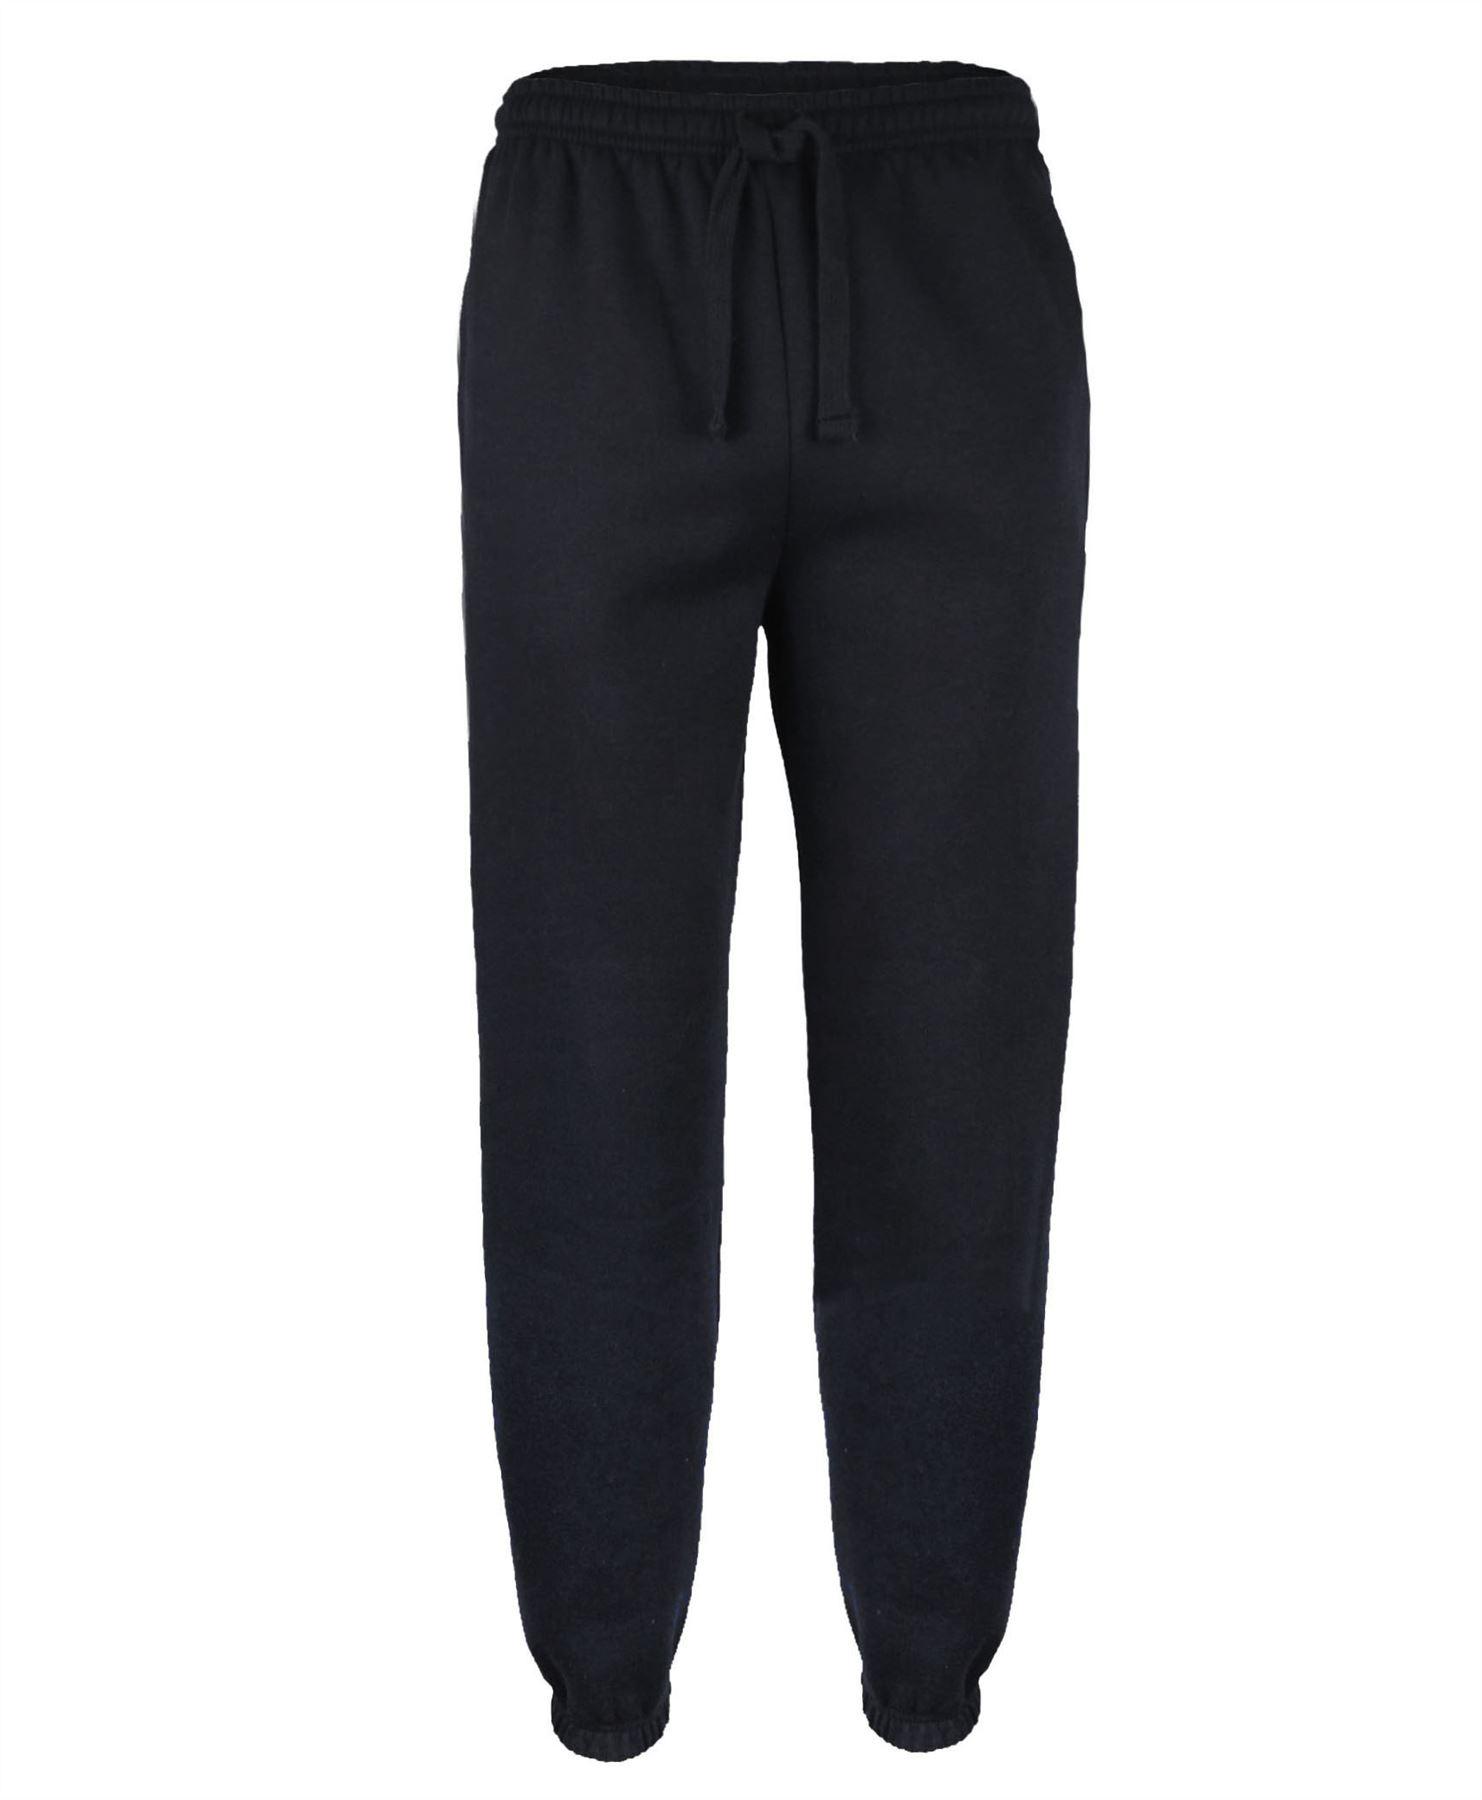 hommes uni jogging pantalon lastique cheville pantalon de surv tement polaire ebay. Black Bedroom Furniture Sets. Home Design Ideas